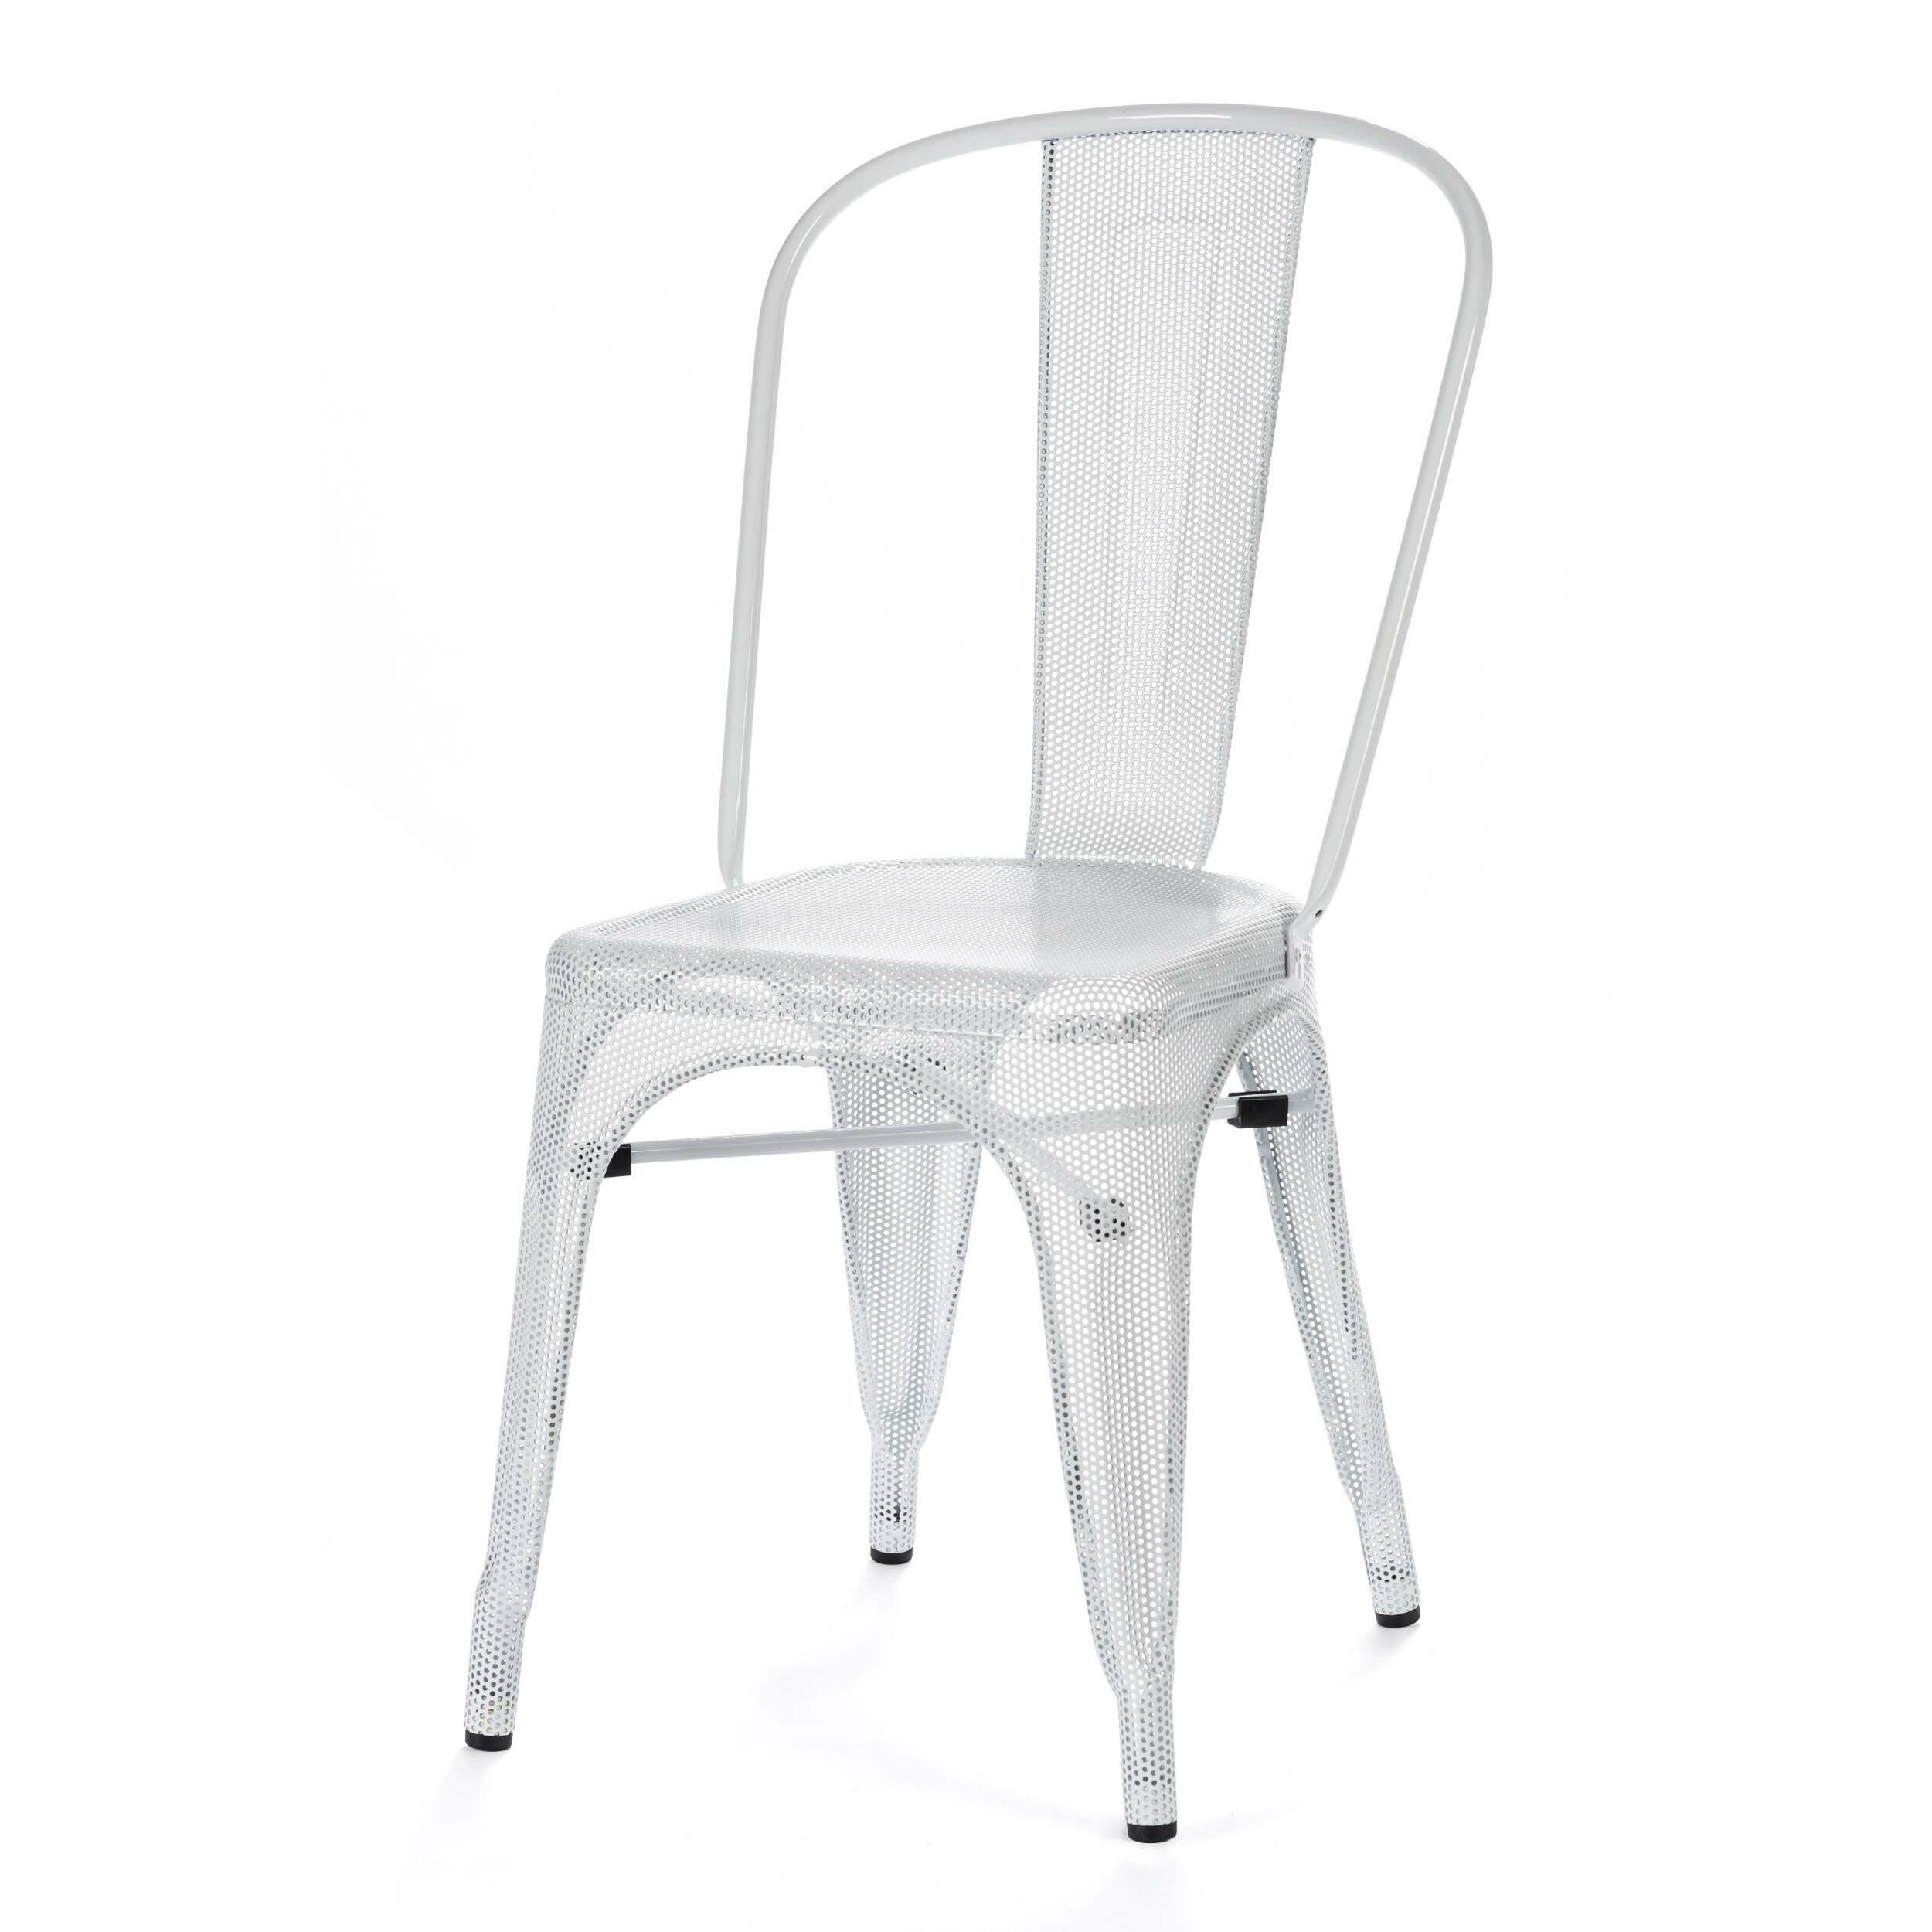 Стул Marais MeshИнтерьерные<br>Дизайнерский однотонный металлический стул Marais Mesh (Мэрейс Мэш) без подлокотников от Cosmo (Космо).<br><br>     Изящество стали. Создается ощущение, словно стул Marais Mesh одет в легкие, невесомые одеяния, отдаленно напоминающие восточные мотивы. И трудно поверить, что он относится к характерным представителям индустриального стиля.<br><br><br>     Такой стул будет хорошо себя чувствовать в любой обстановке. Ведь он выполнен по эскизам известного французского дизайнера Ксавье Пошара, изделия котор...<br><br>stock: 2<br>Высота: 85<br>Высота сиденья: 45<br>Ширина: 46<br>Глубина: 51<br>Тип материала каркаса: Сталь<br>Цвет каркаса: Белый